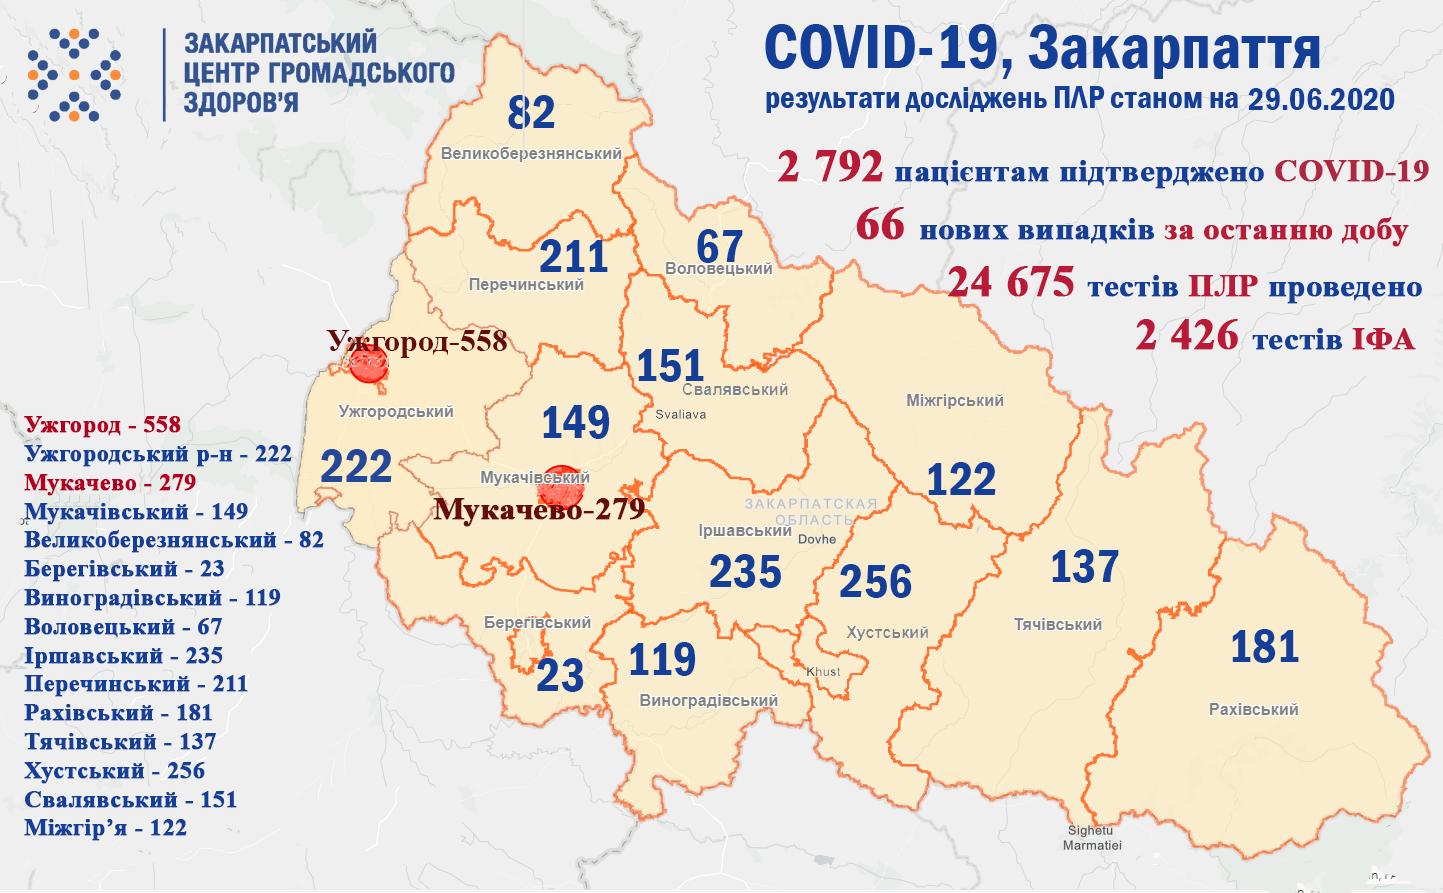 Ситуація з коронавірусом, станом на 29 червня: оновлені дані